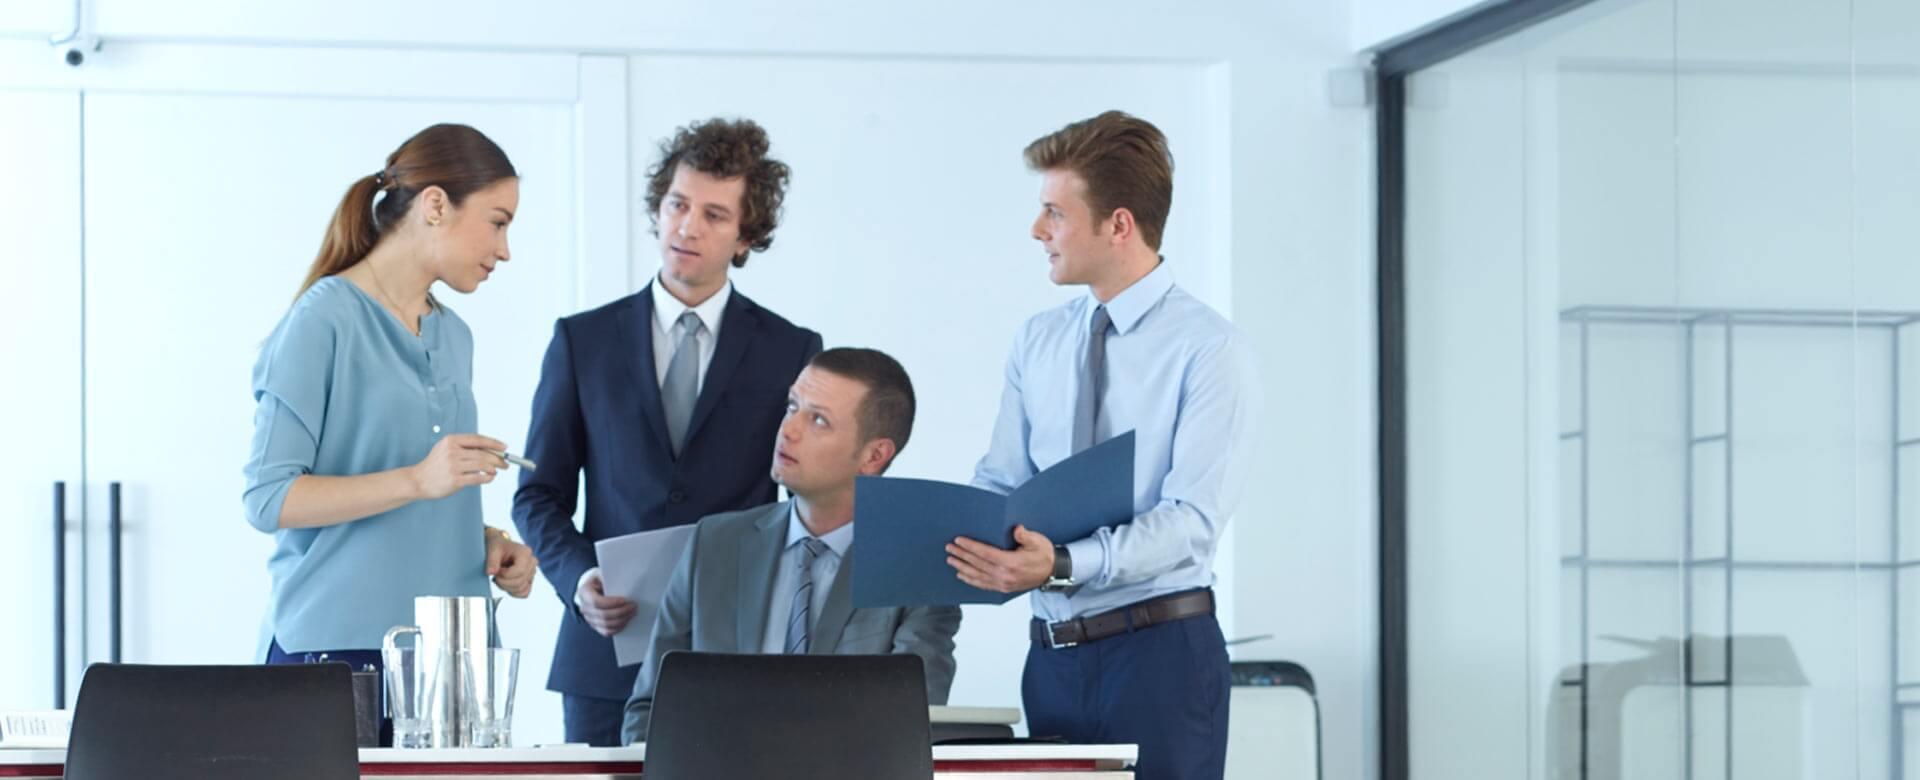 Grupo de asesores y abogados hablan en una oficina. Slider 2